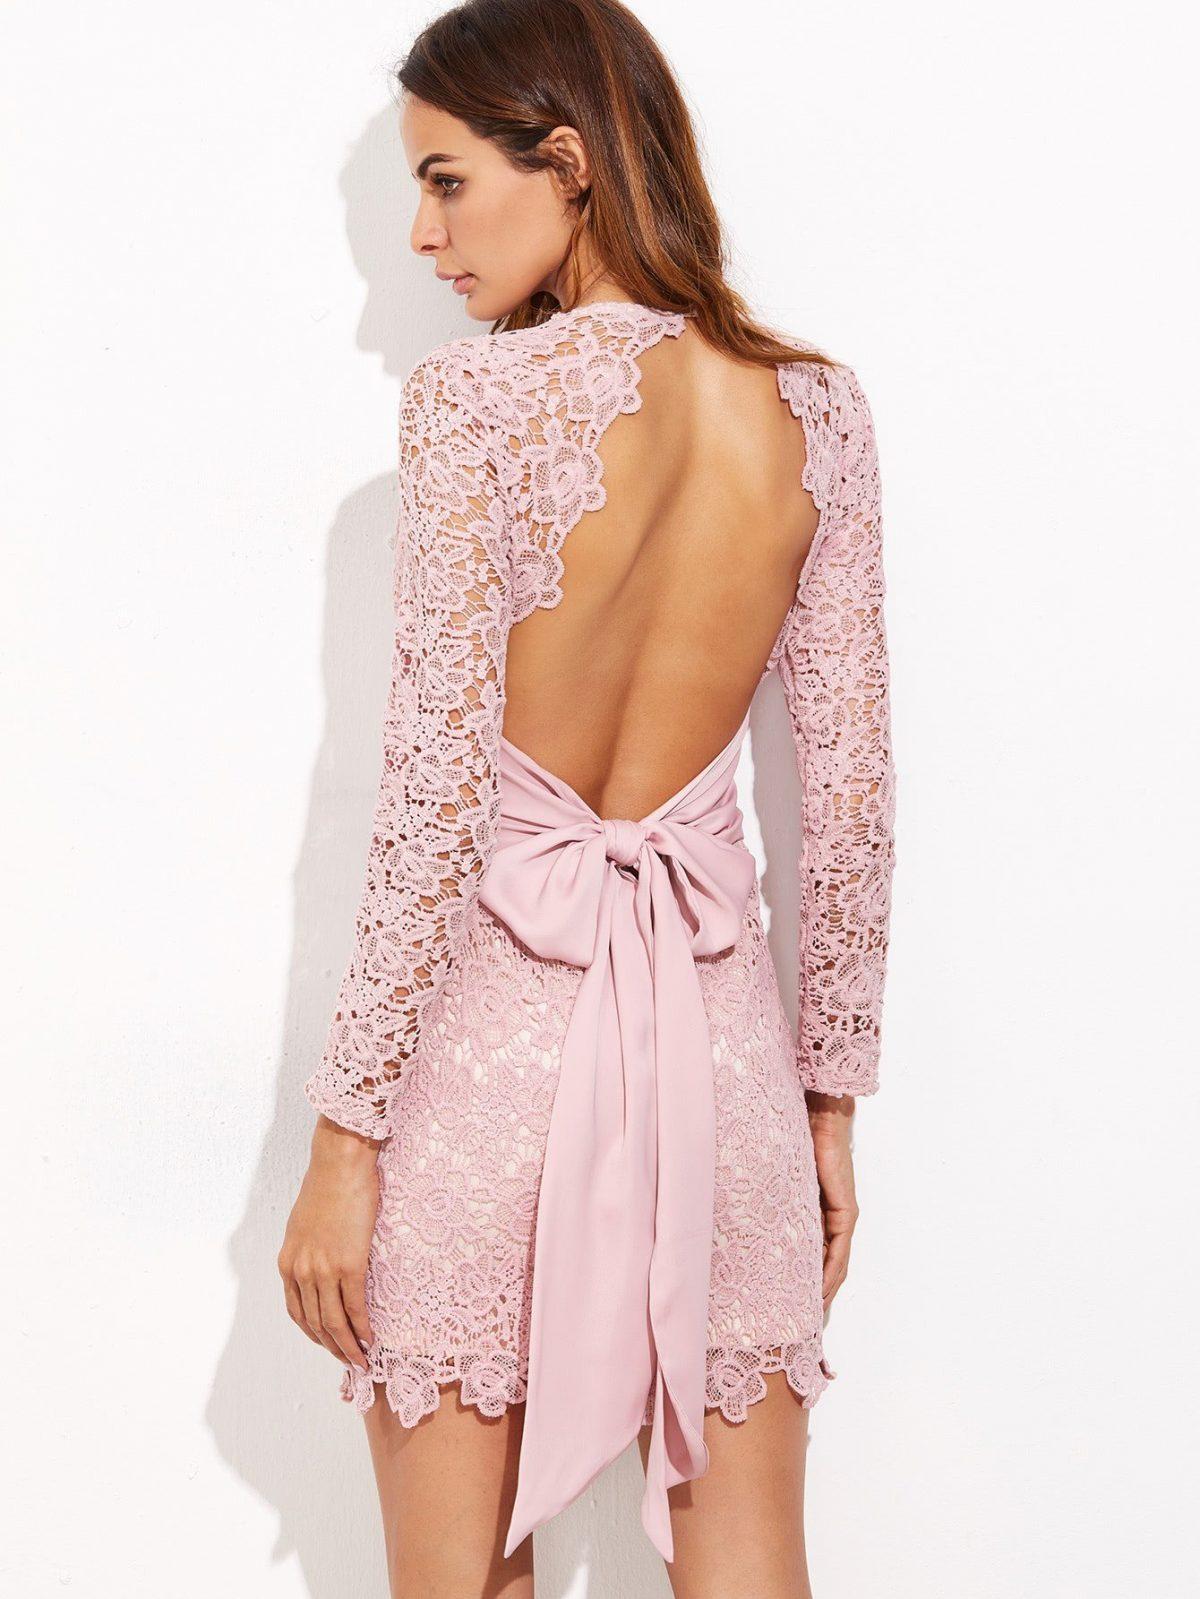 светло-розовое кружевное платье с открытой спиной